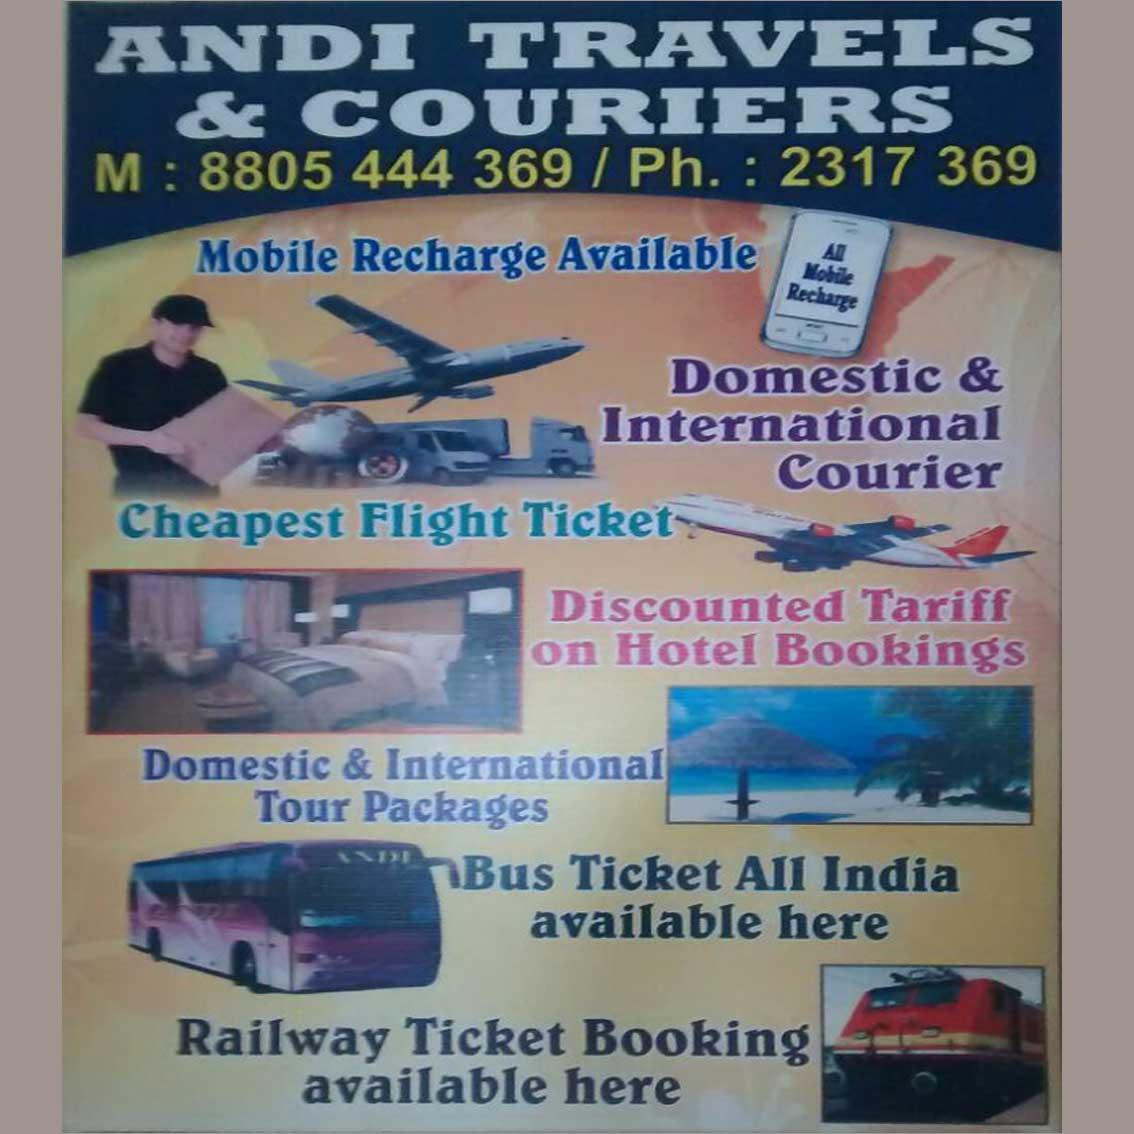 Andi Travels